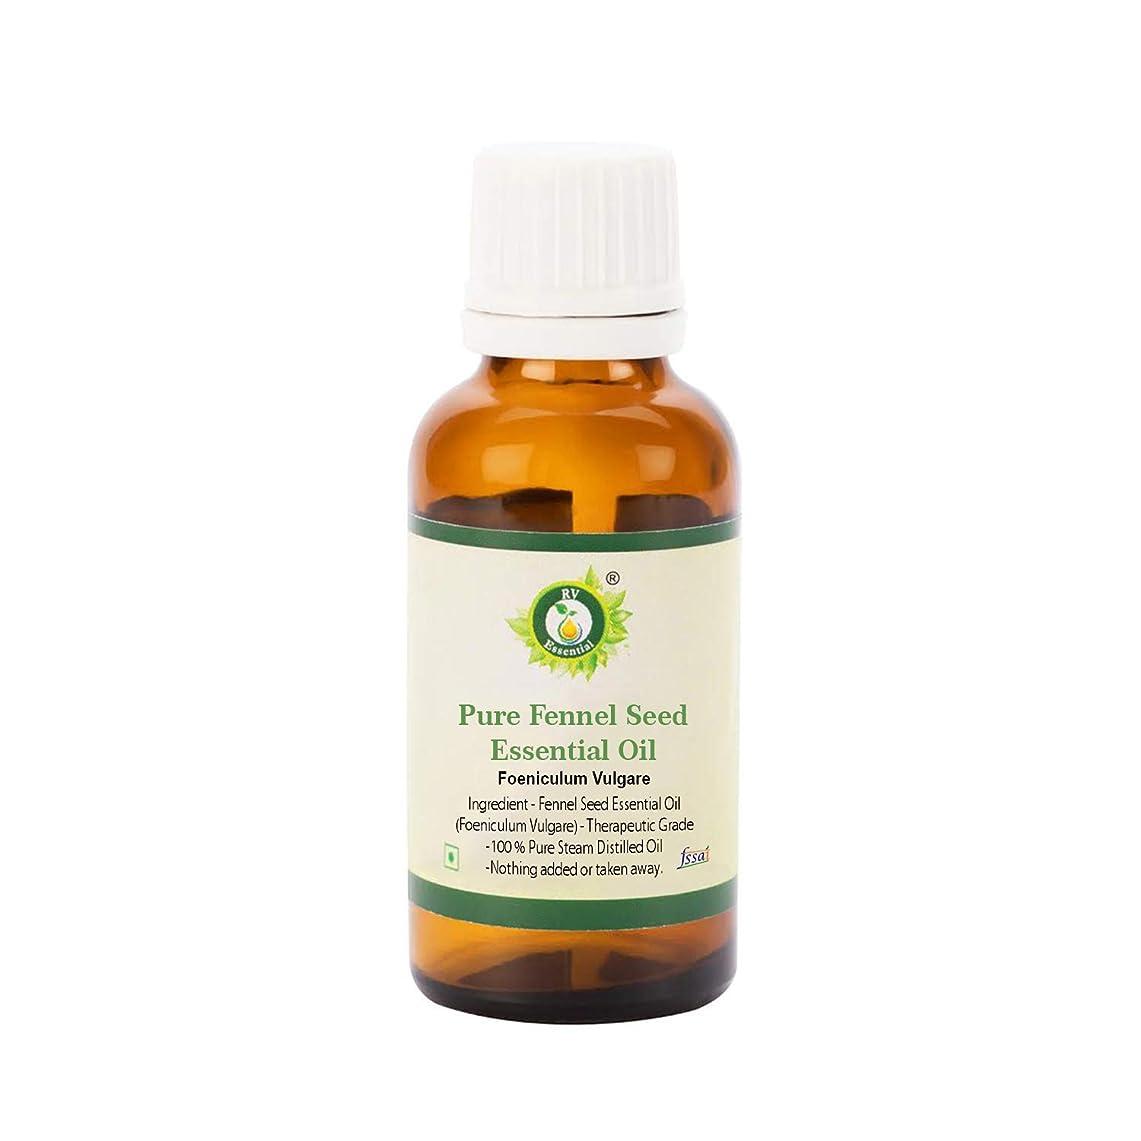 ぎこちない半径生き物R V Essential 純粋なフェンネルシードエッセンシャルオイル50ml (1.69oz)- Foeniculum Vulgare (100%純粋&天然スチームDistilled) Pure Fennel Seed Essential Oil